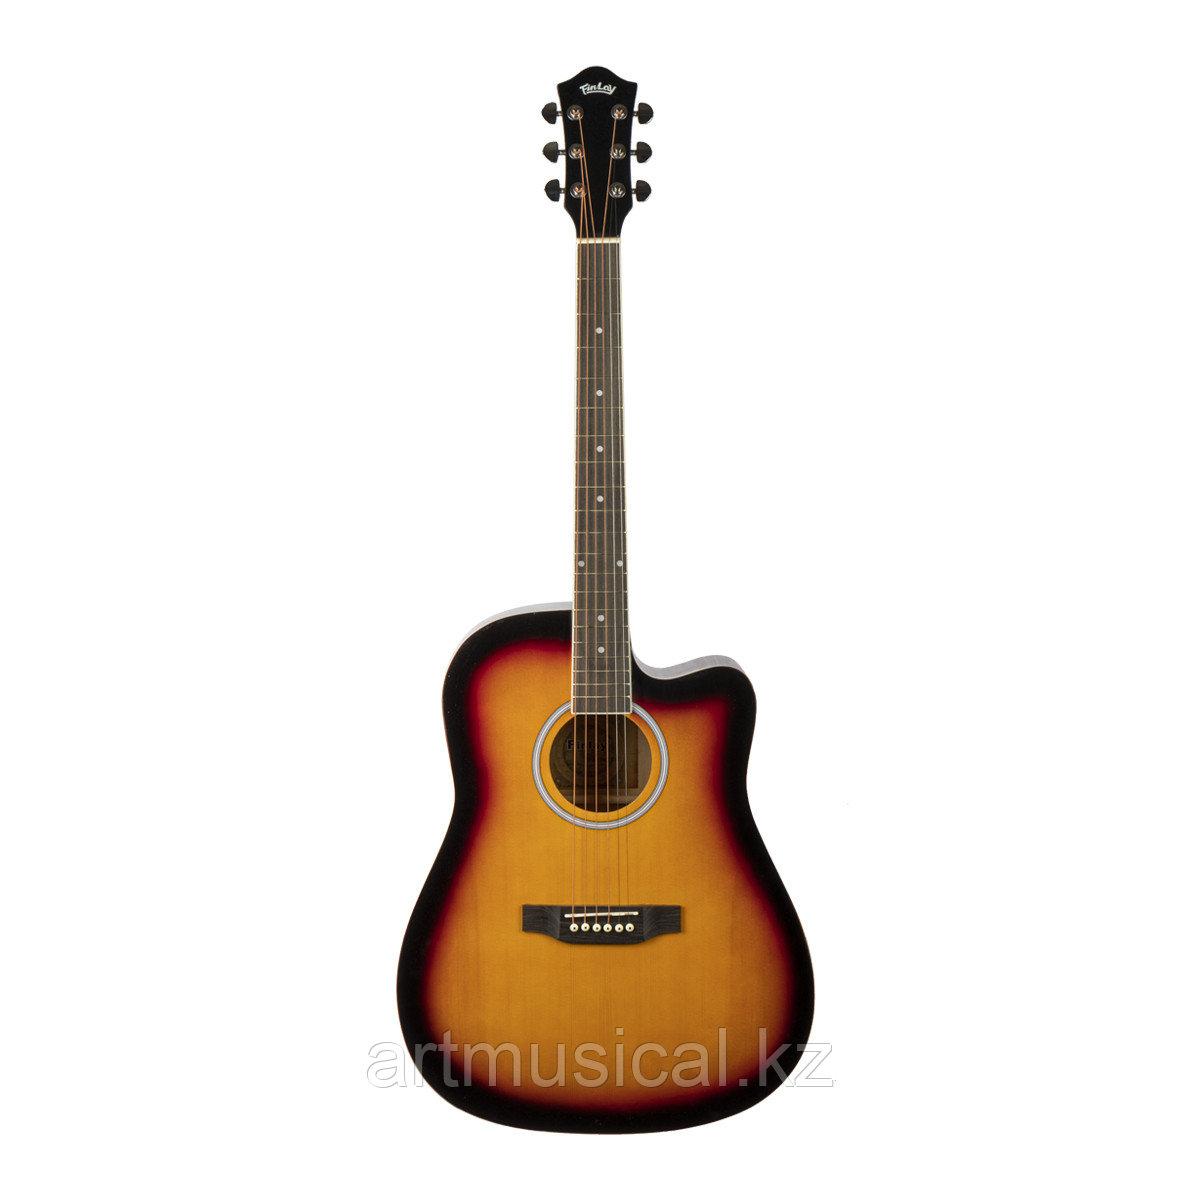 Акустическая гитара Finlay 41 SB